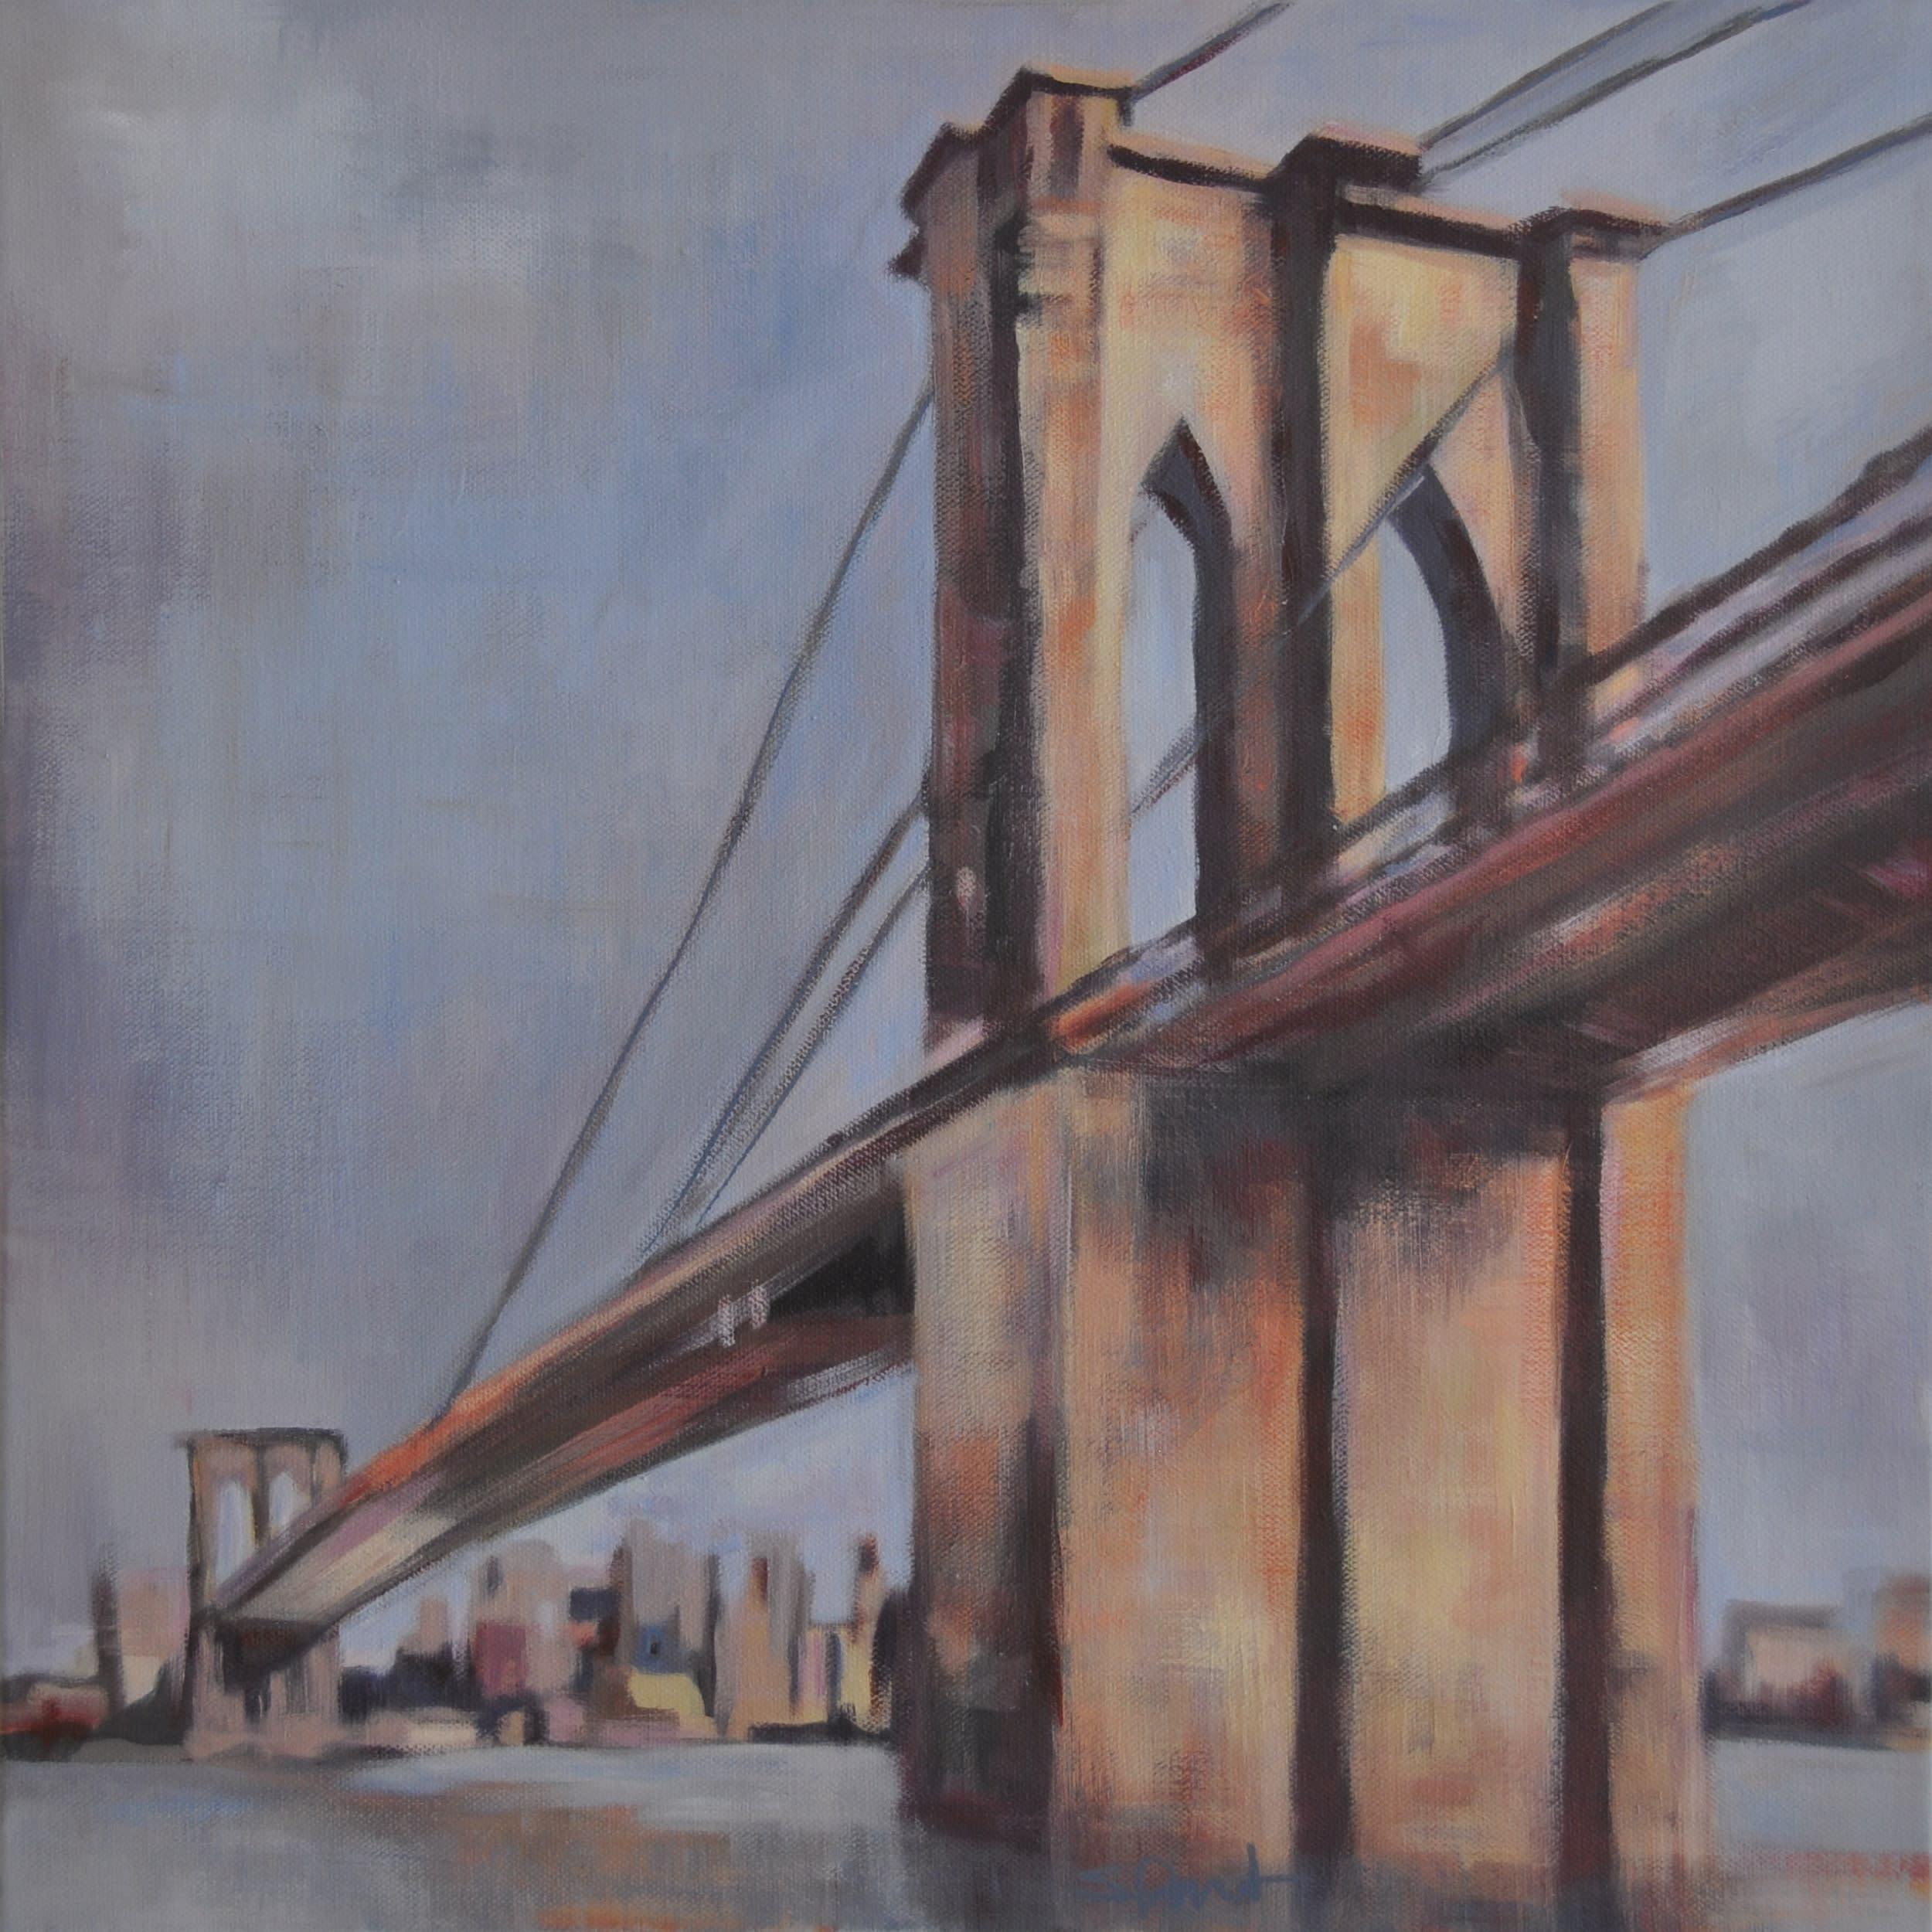 Brooklyn bridge v by steph fonteyn 18x18 idm5gb